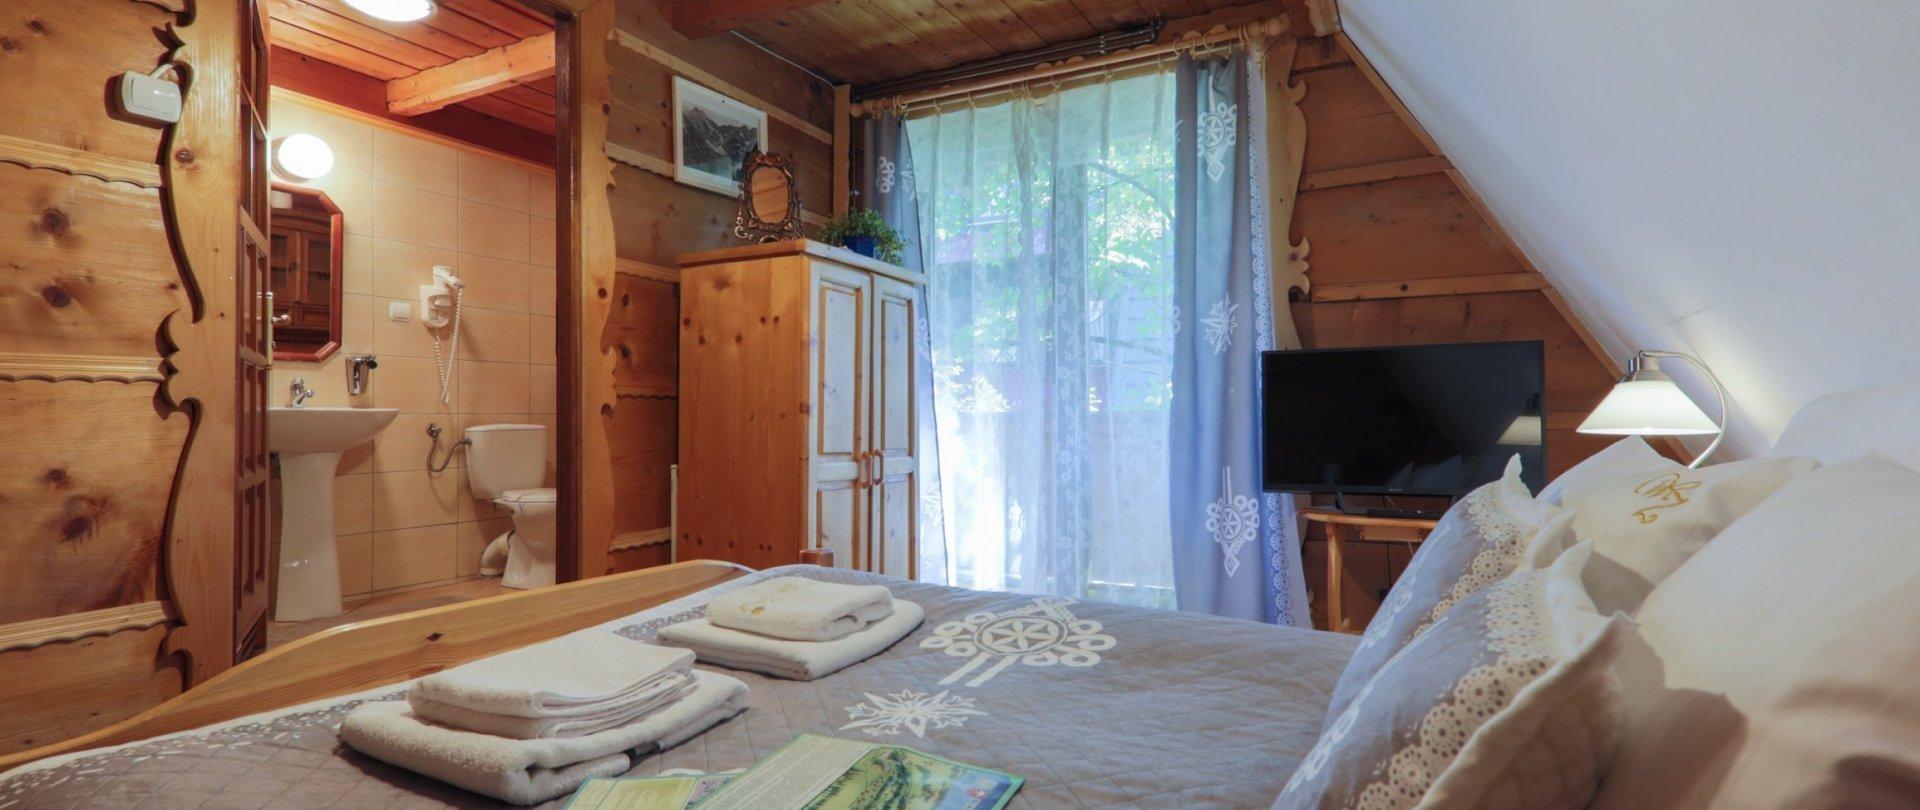 Izba 2 - Mały Pokój Dziadka Tadeusza